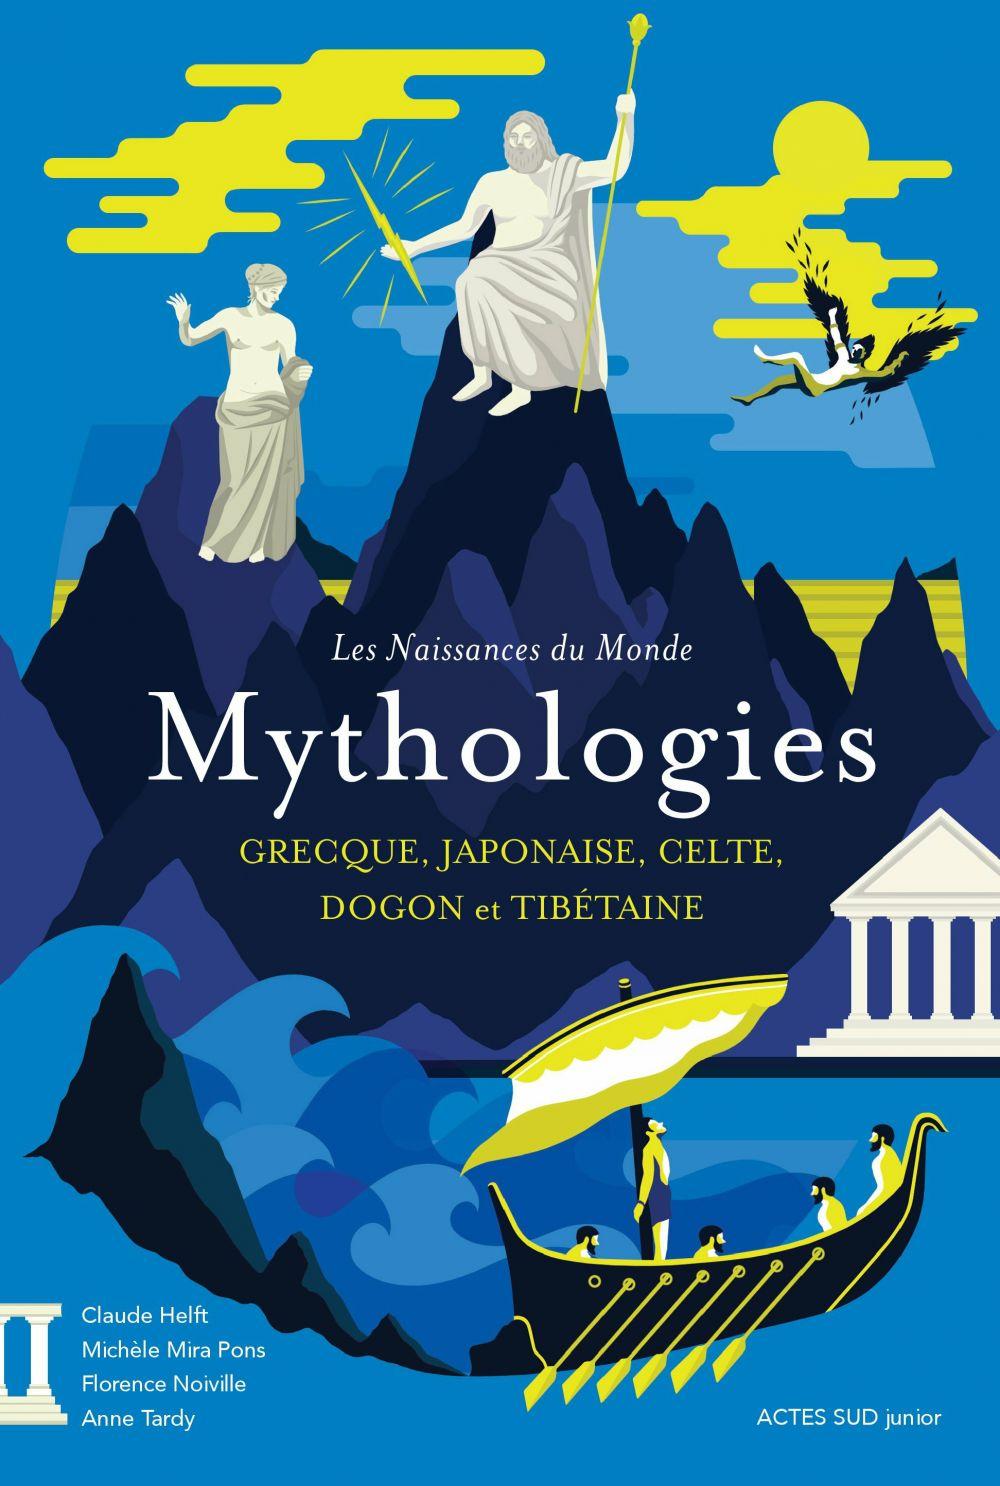 Les naissances du monde - Mythologies grecque, japonaise, celte, dogon et tibétaine | Mira pons, Michèle. Auteur